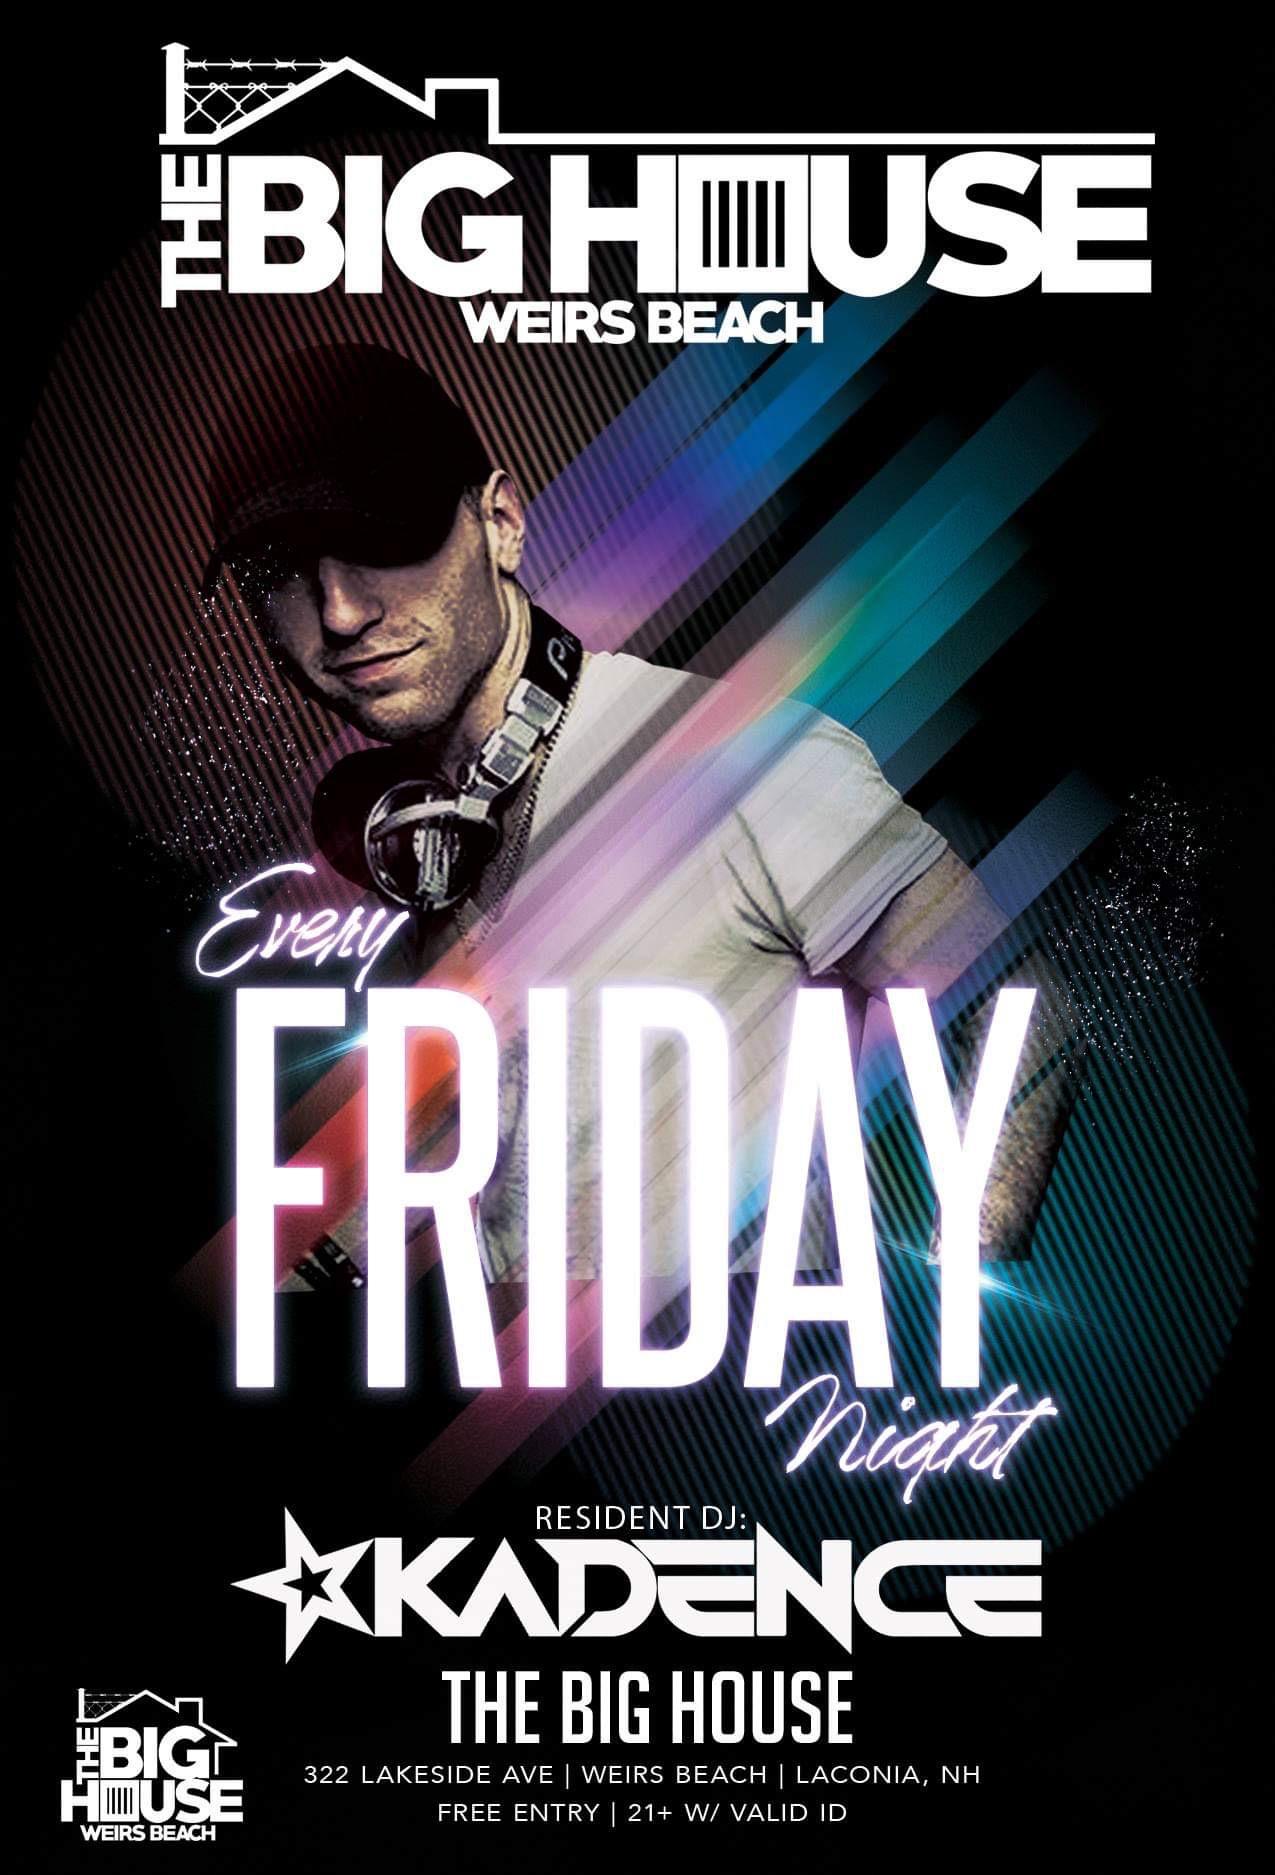 DJ Kadence Fridays